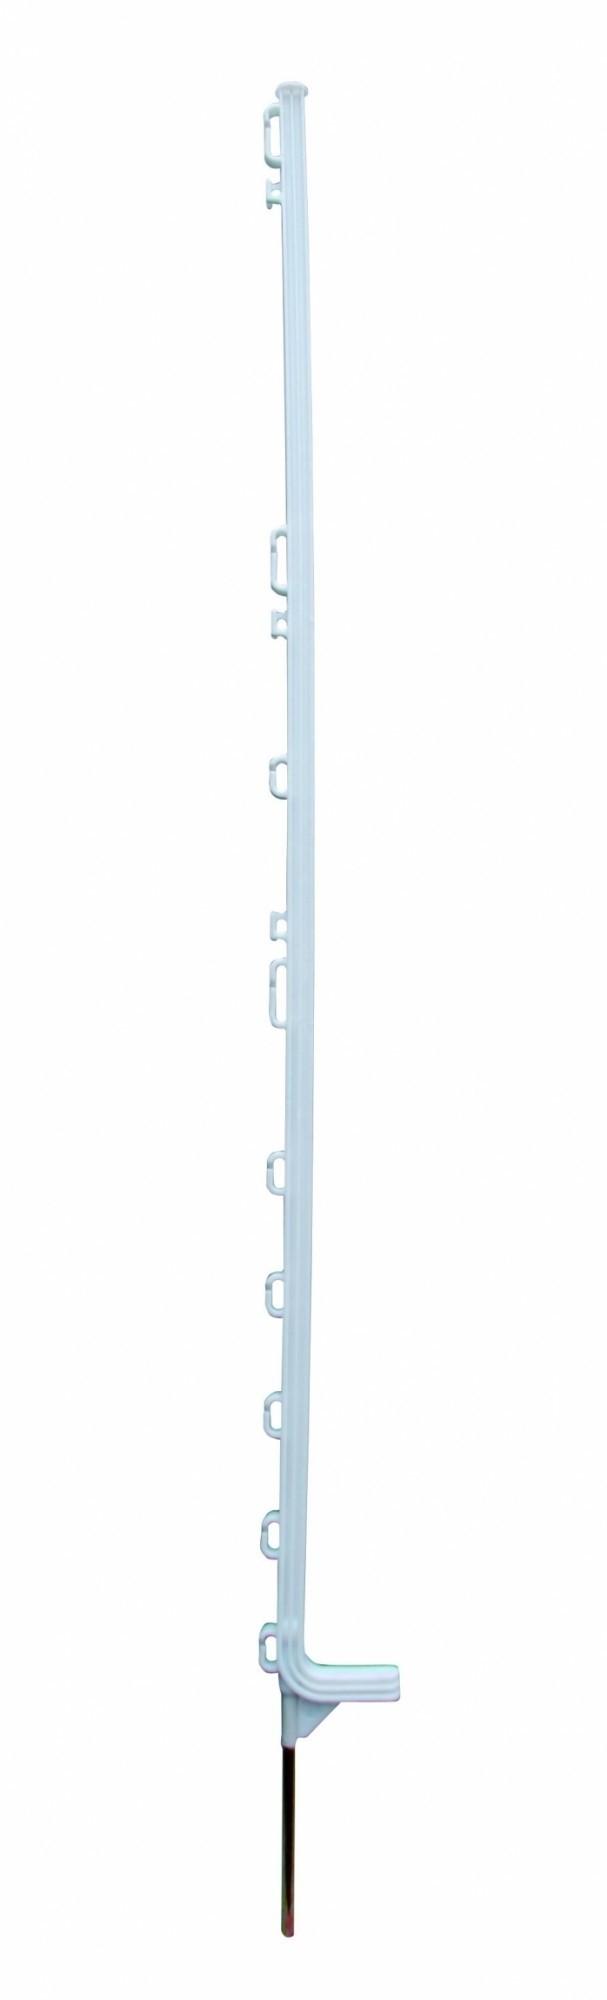 Horizont kunststof paal Extra wit 12-ogen 142cm